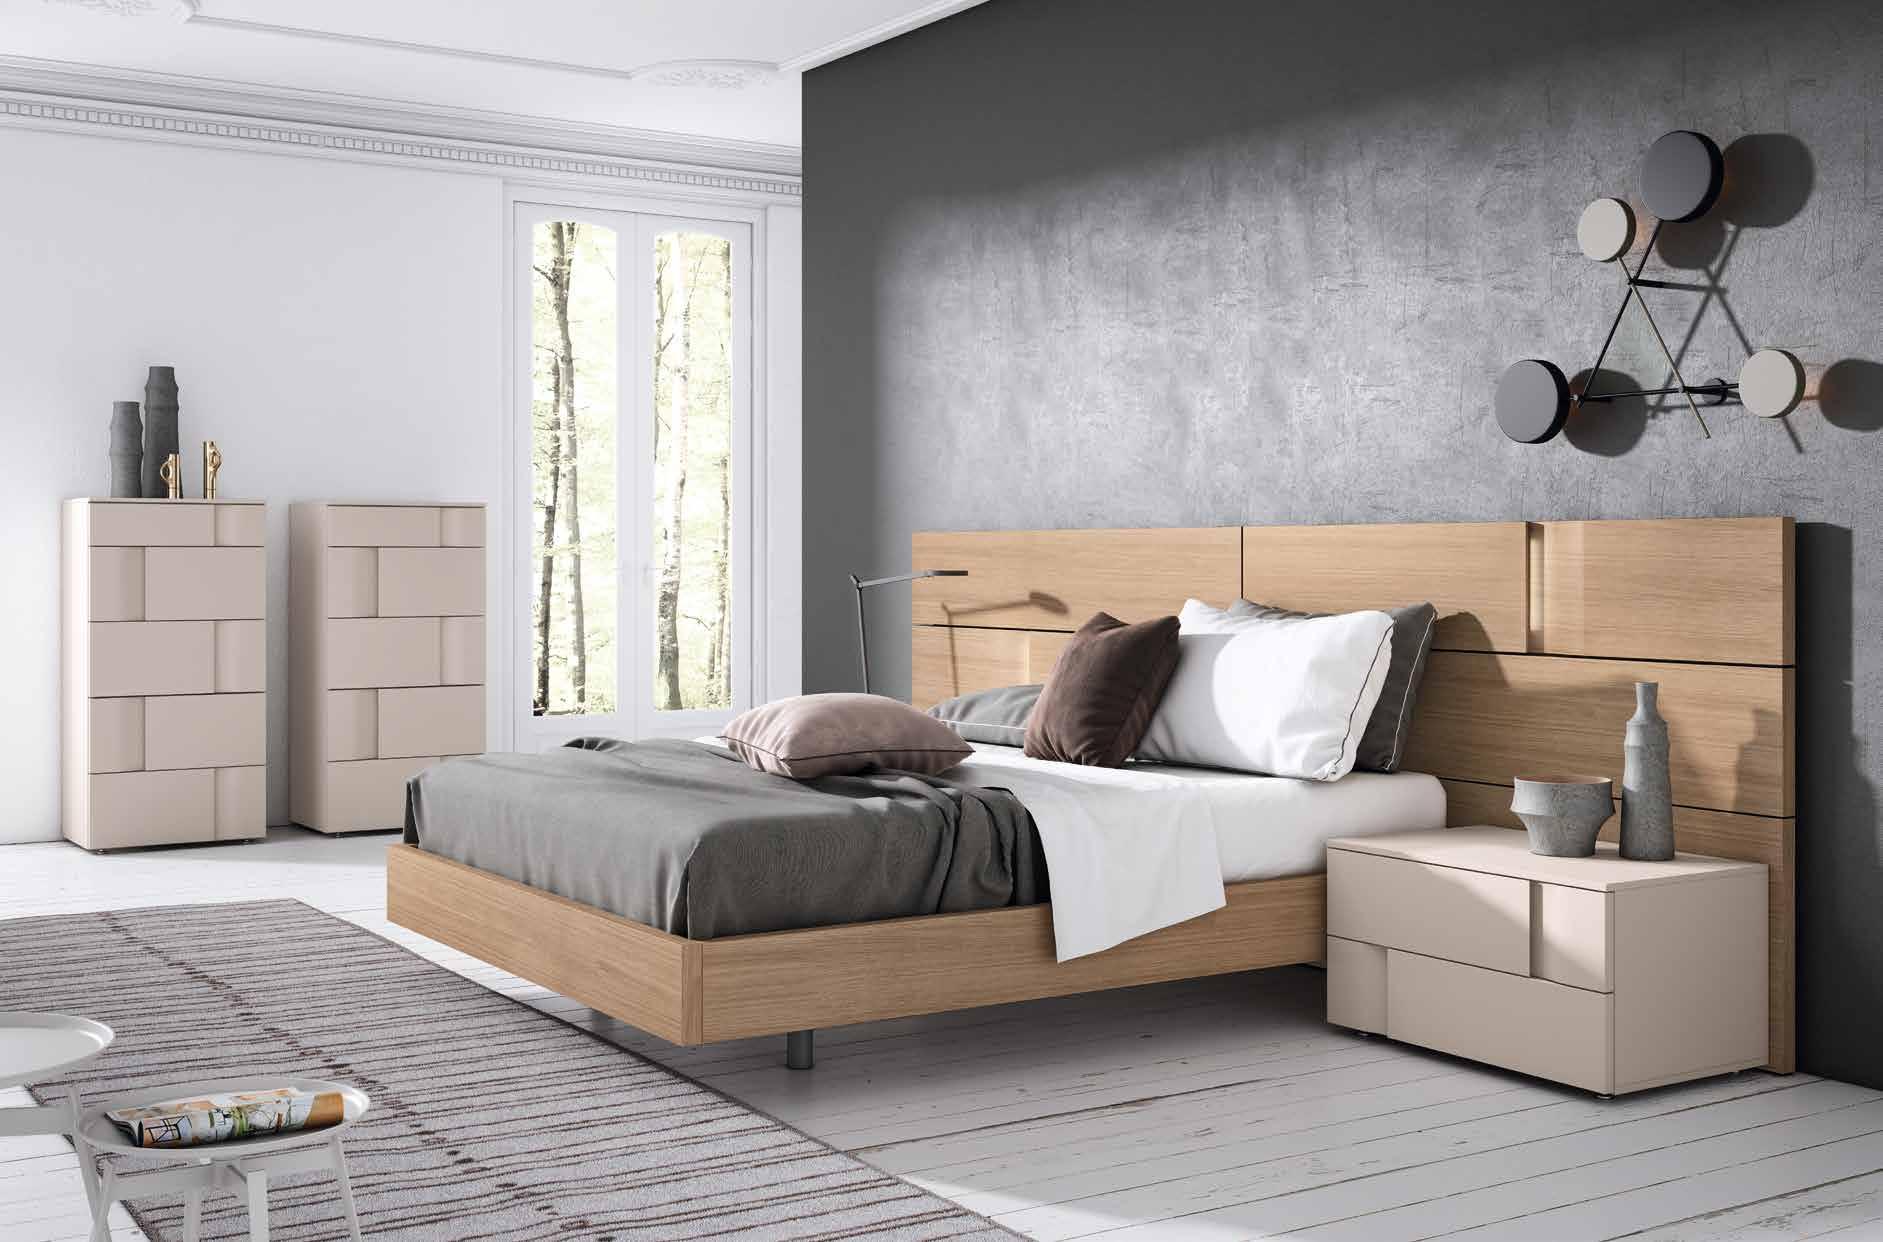 moderno-1-Grafica-muebles-paco-caballero-720-5c93e03f8472b